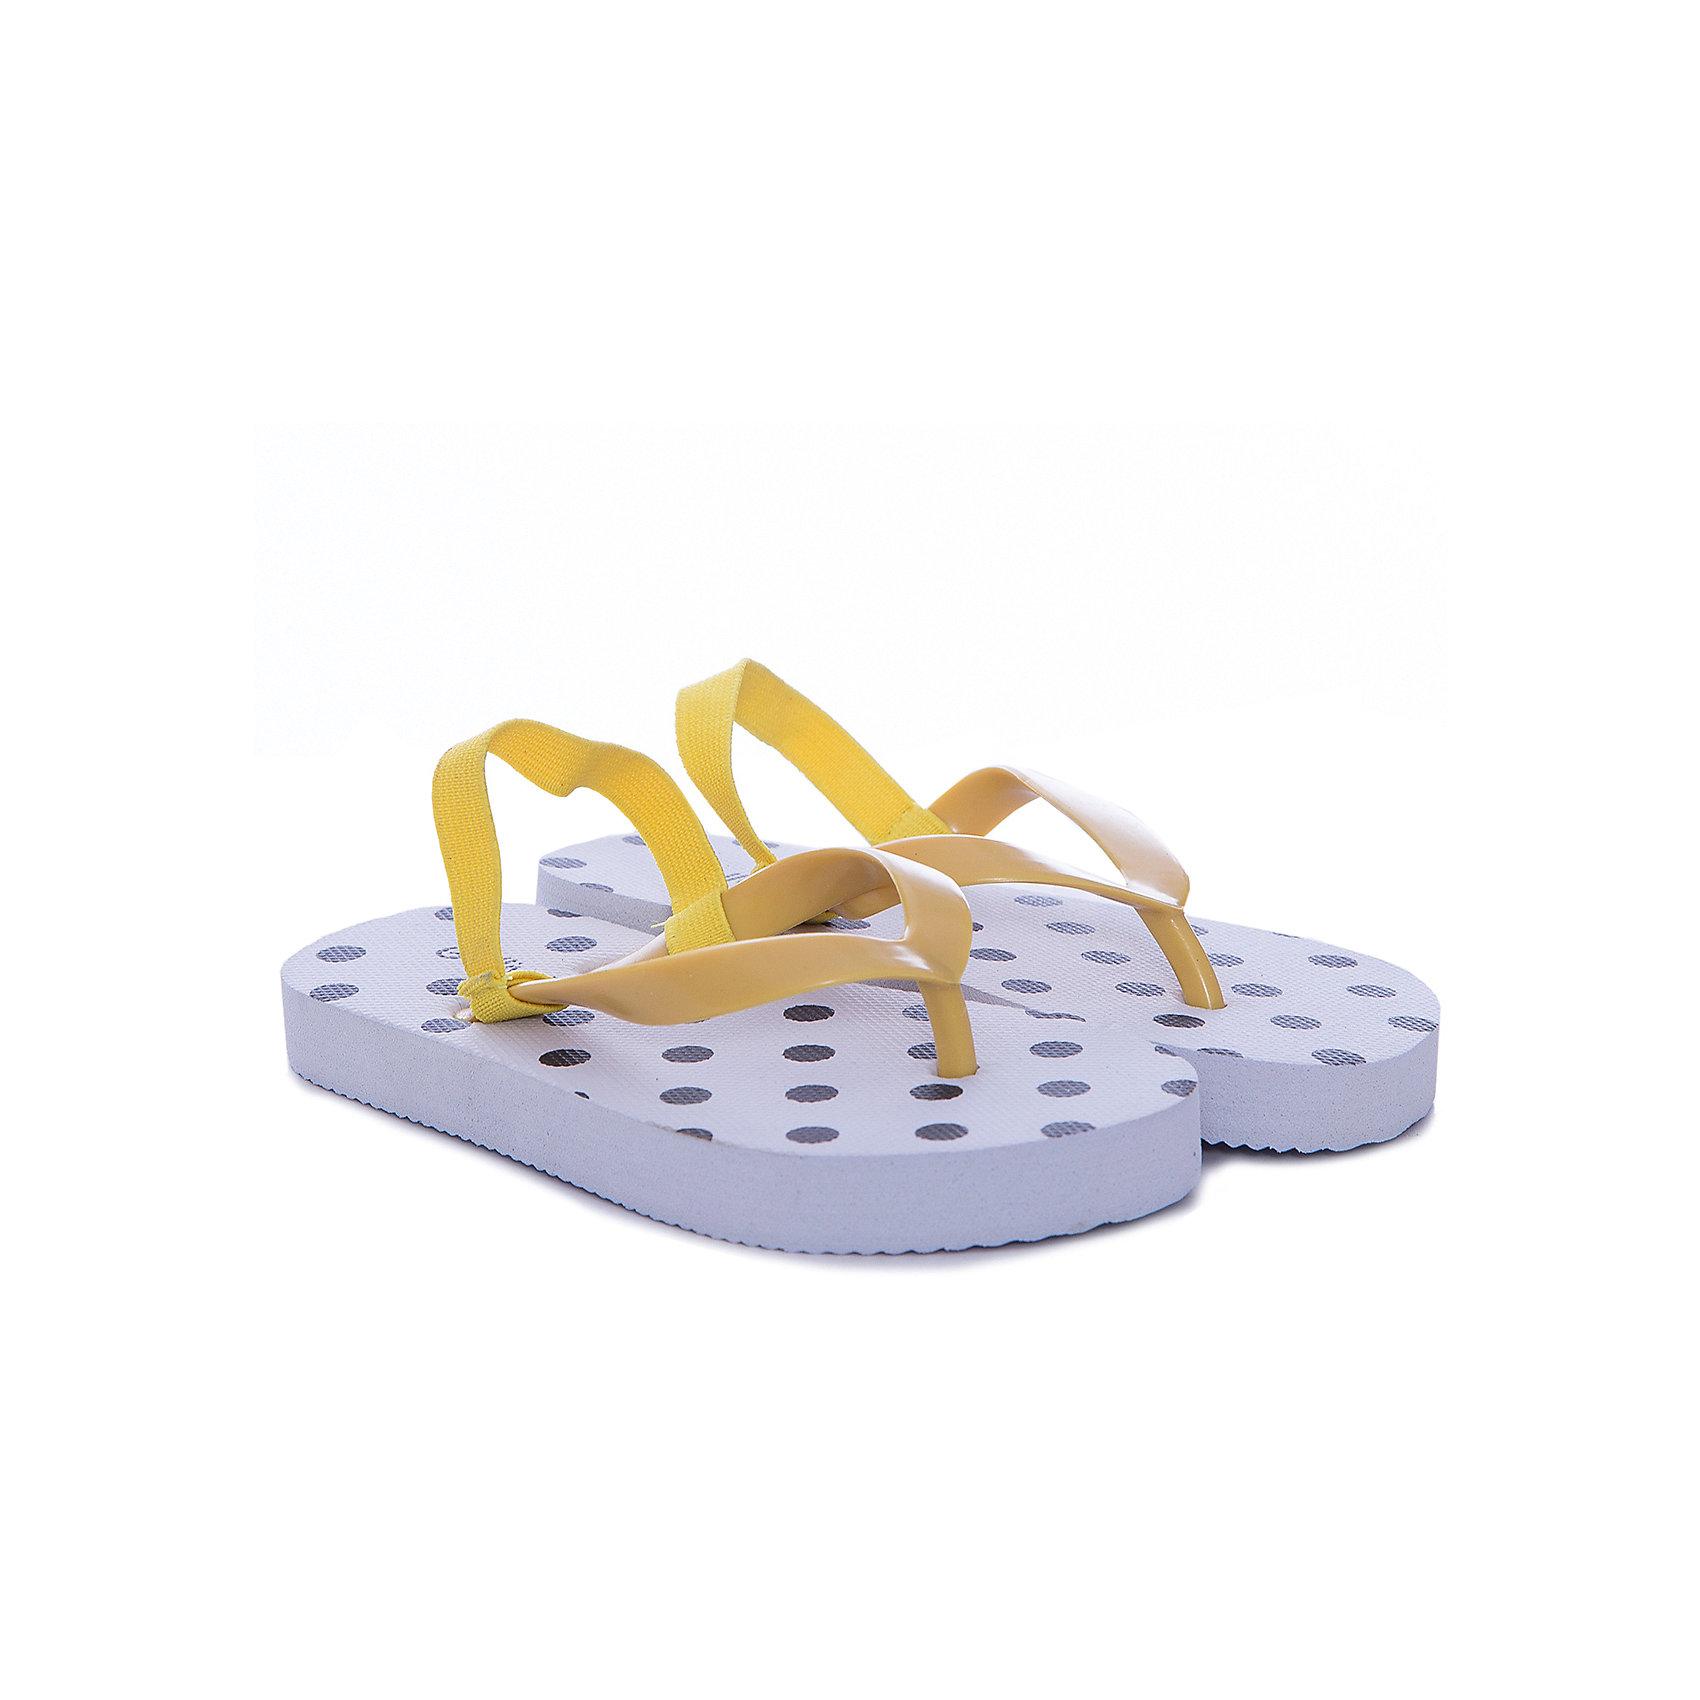 Шлепанцы для девочки GulliverПляжная обувь<br>Характеристики товара:<br><br>• материал: верх: ПВХ; <br>• подошва:EVA<br>• подходят для пляжа и для бассейна<br>• страна бренда: Российская Федерация<br>• страна производства: Китай<br><br>Пляжные шлепанцы в горох для девочки от известного бренда Гулливер. Шлепанцы-вьетнамки отлично подойдут для пляжа, также их можно использовать для похода в бассейн.<br><br>Шлепанцы для девочки от известного бренда Gulliver можно купить в нашем интернет-магазине.<br><br>Ширина мм: 248<br>Глубина мм: 135<br>Высота мм: 147<br>Вес г: 256<br>Цвет: белый<br>Возраст от месяцев: 48<br>Возраст до месяцев: 60<br>Пол: Женский<br>Возраст: Детский<br>Размер: 24,25,26,28<br>SKU: 5483625